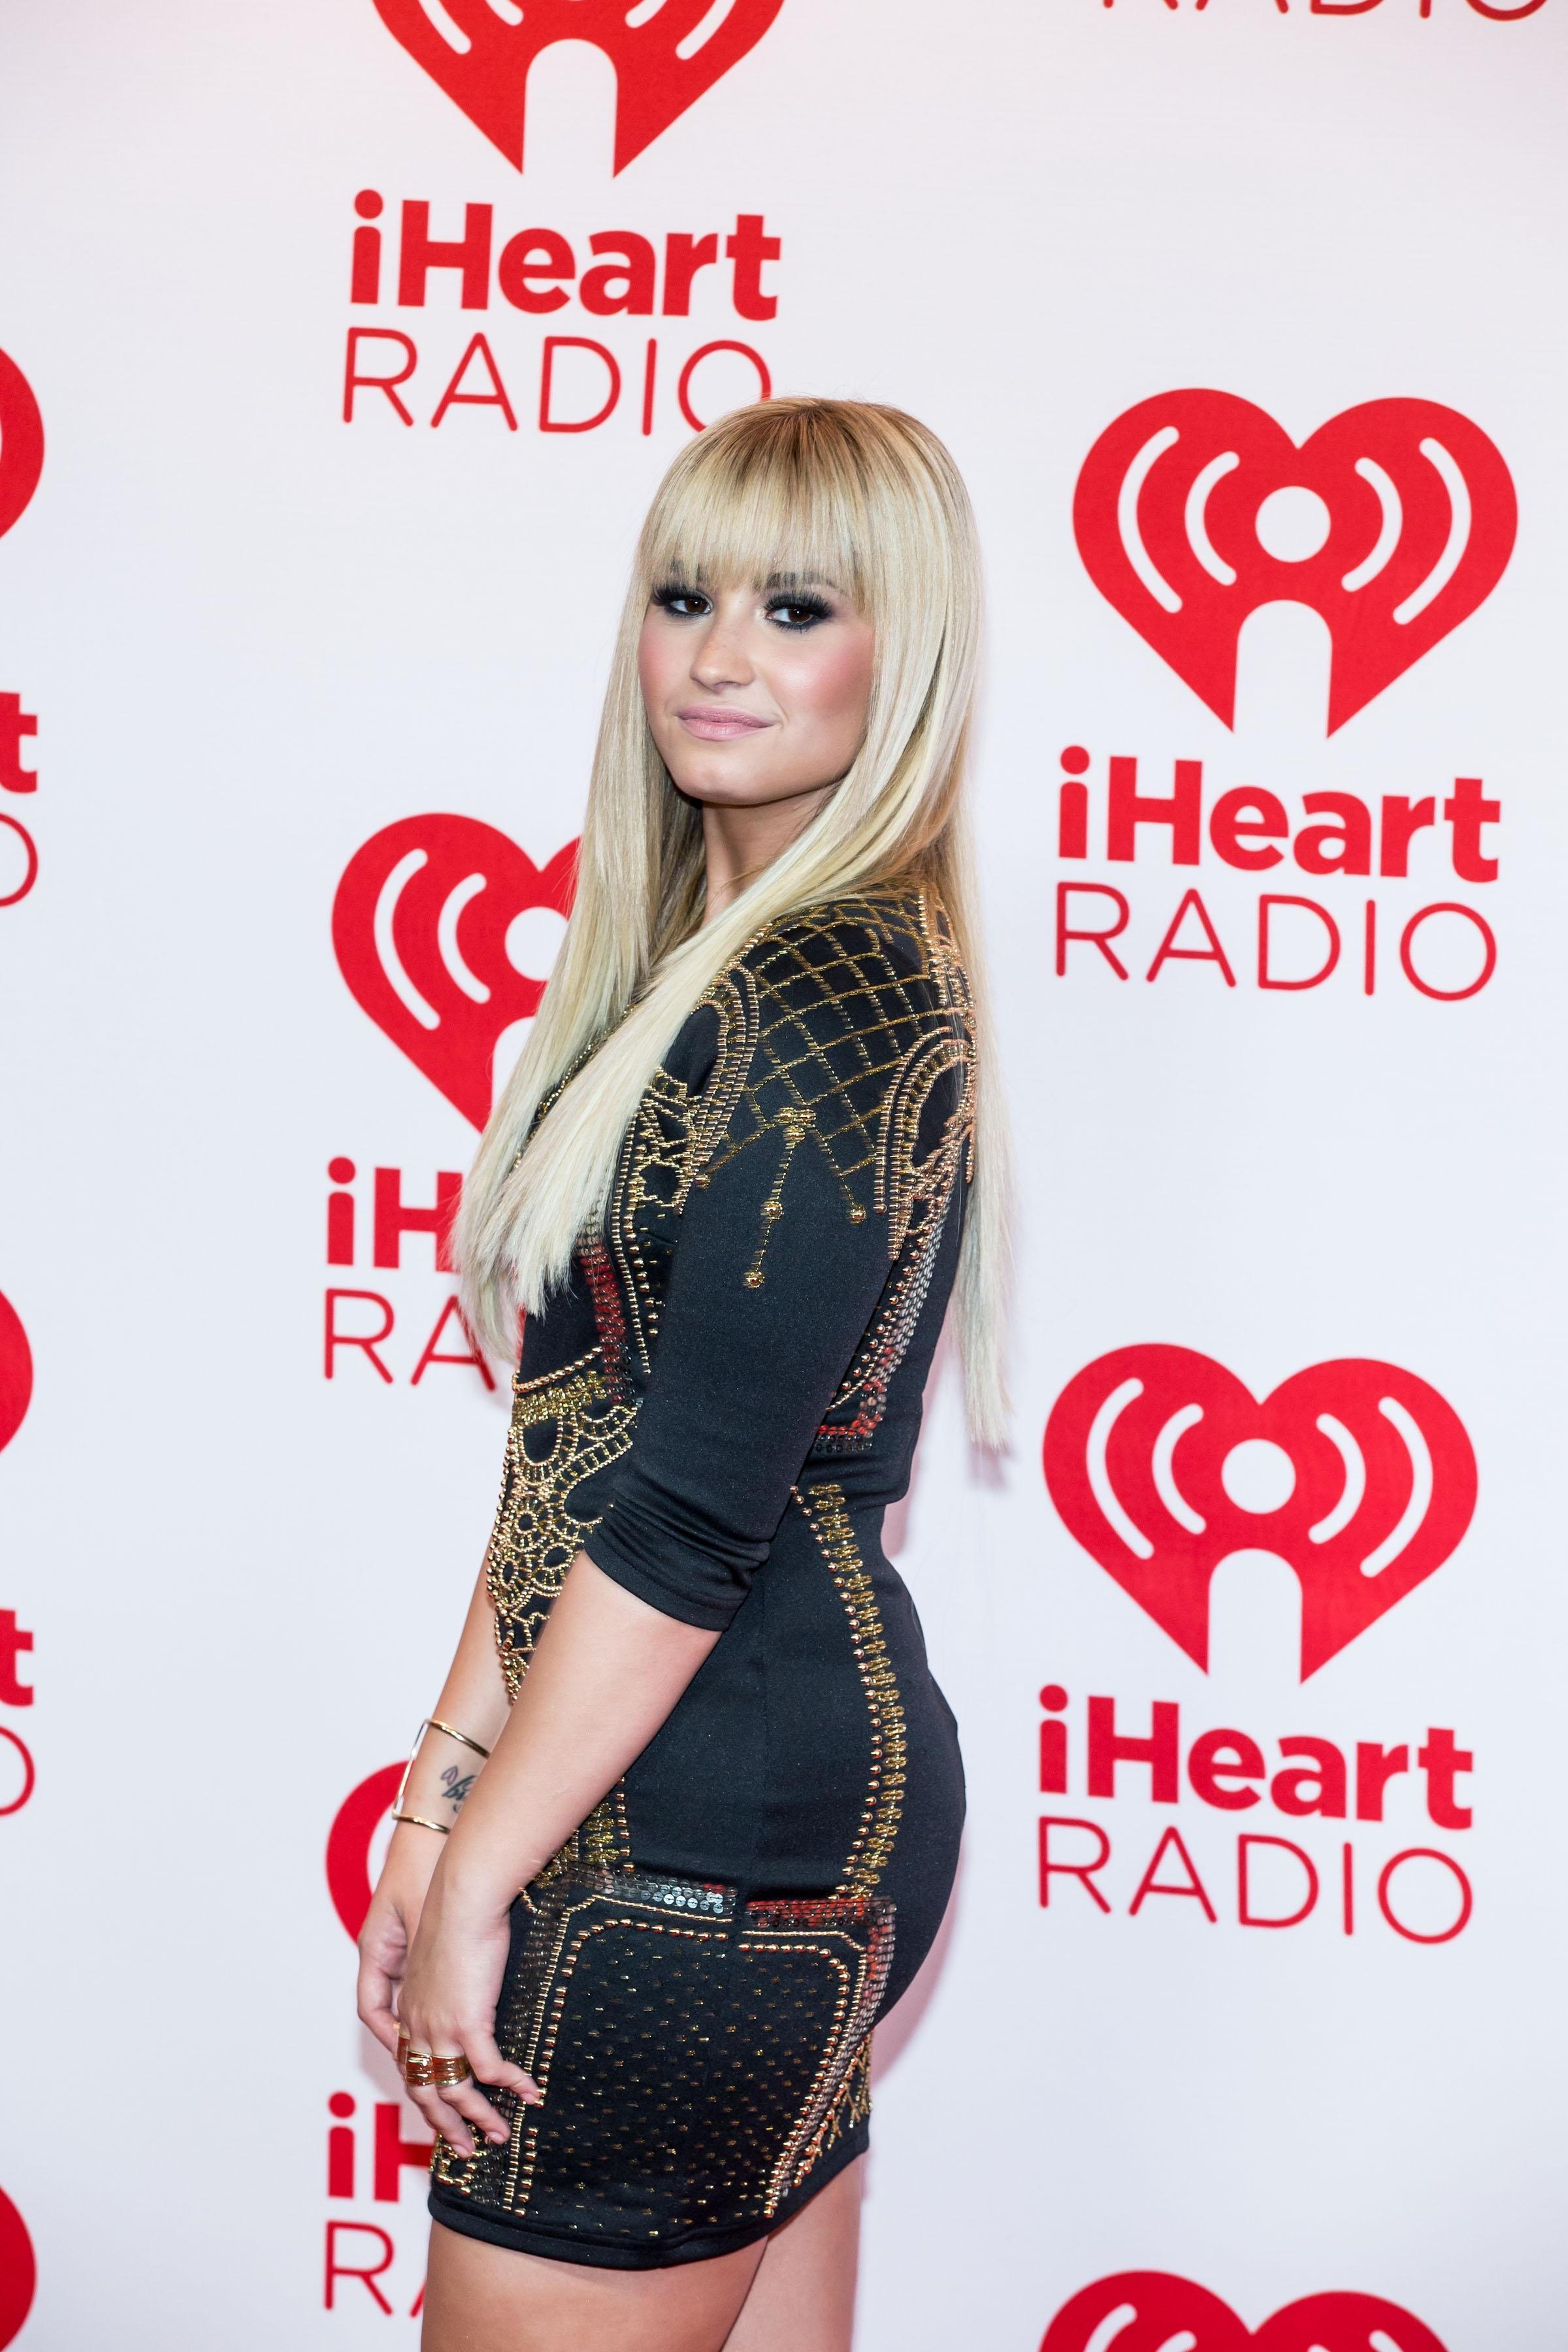 389364988_Demi_Lovato_iHeartRadioMusicFestival9_122_193lo.jpg